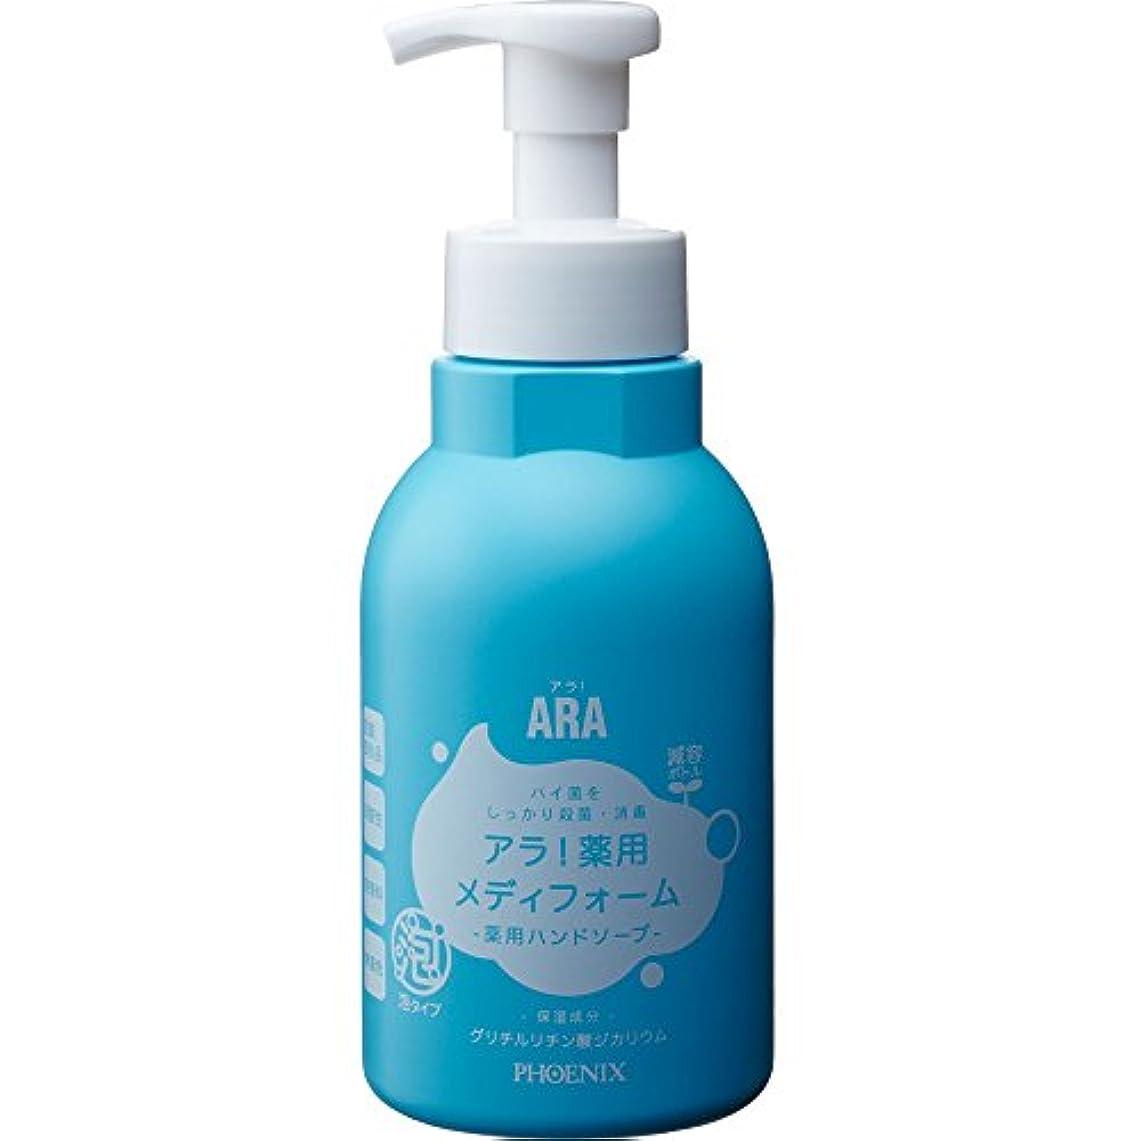 ワイプ浴ランデブーフェニックス ARA アラ! 泡ハンドソープ 薬用メディフォーム 500mL×15本入